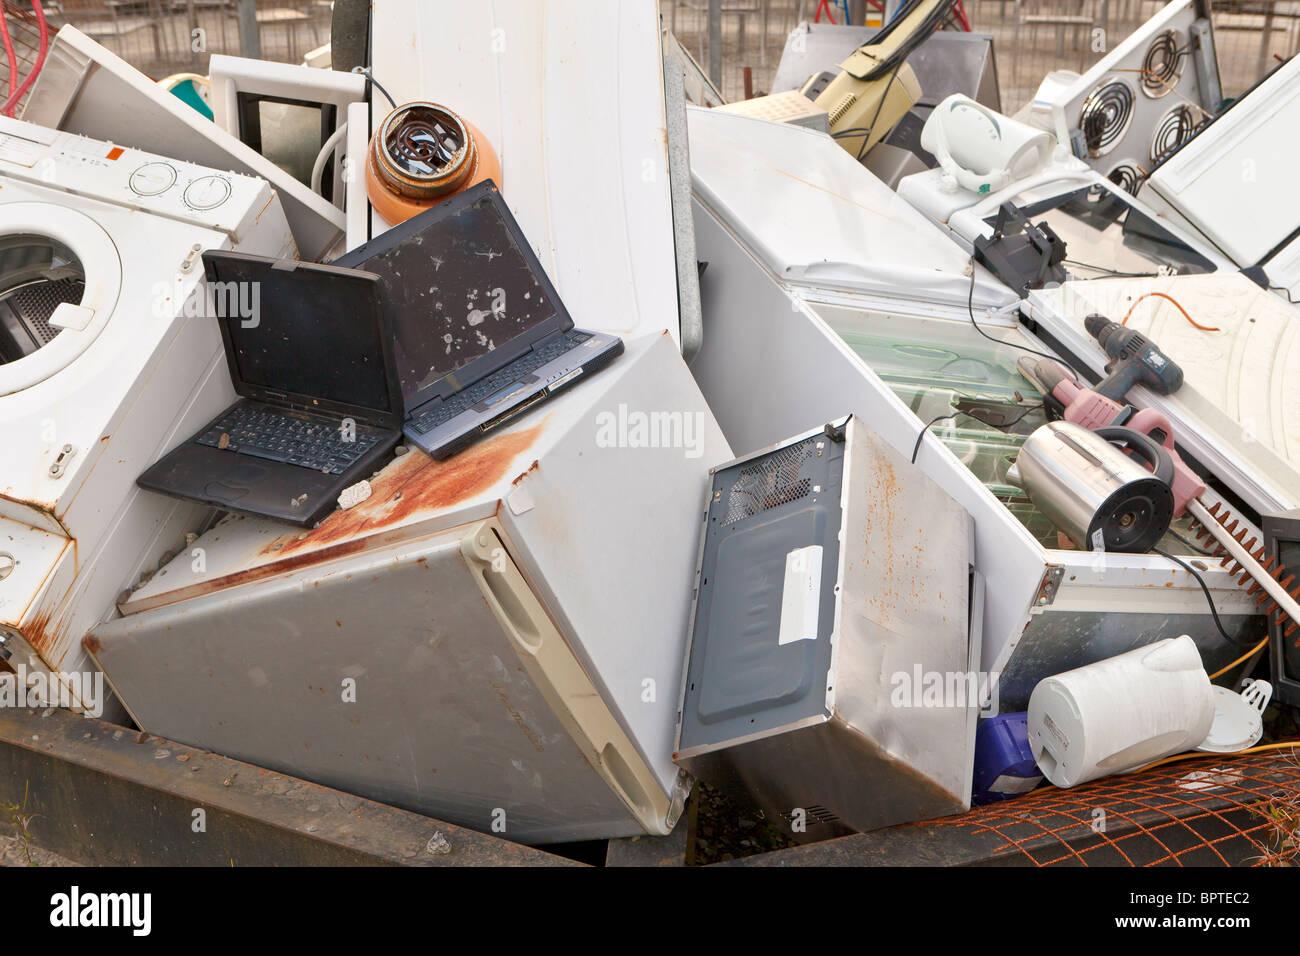 Aparelhos domésticos para reciclagem Imagens de Stock